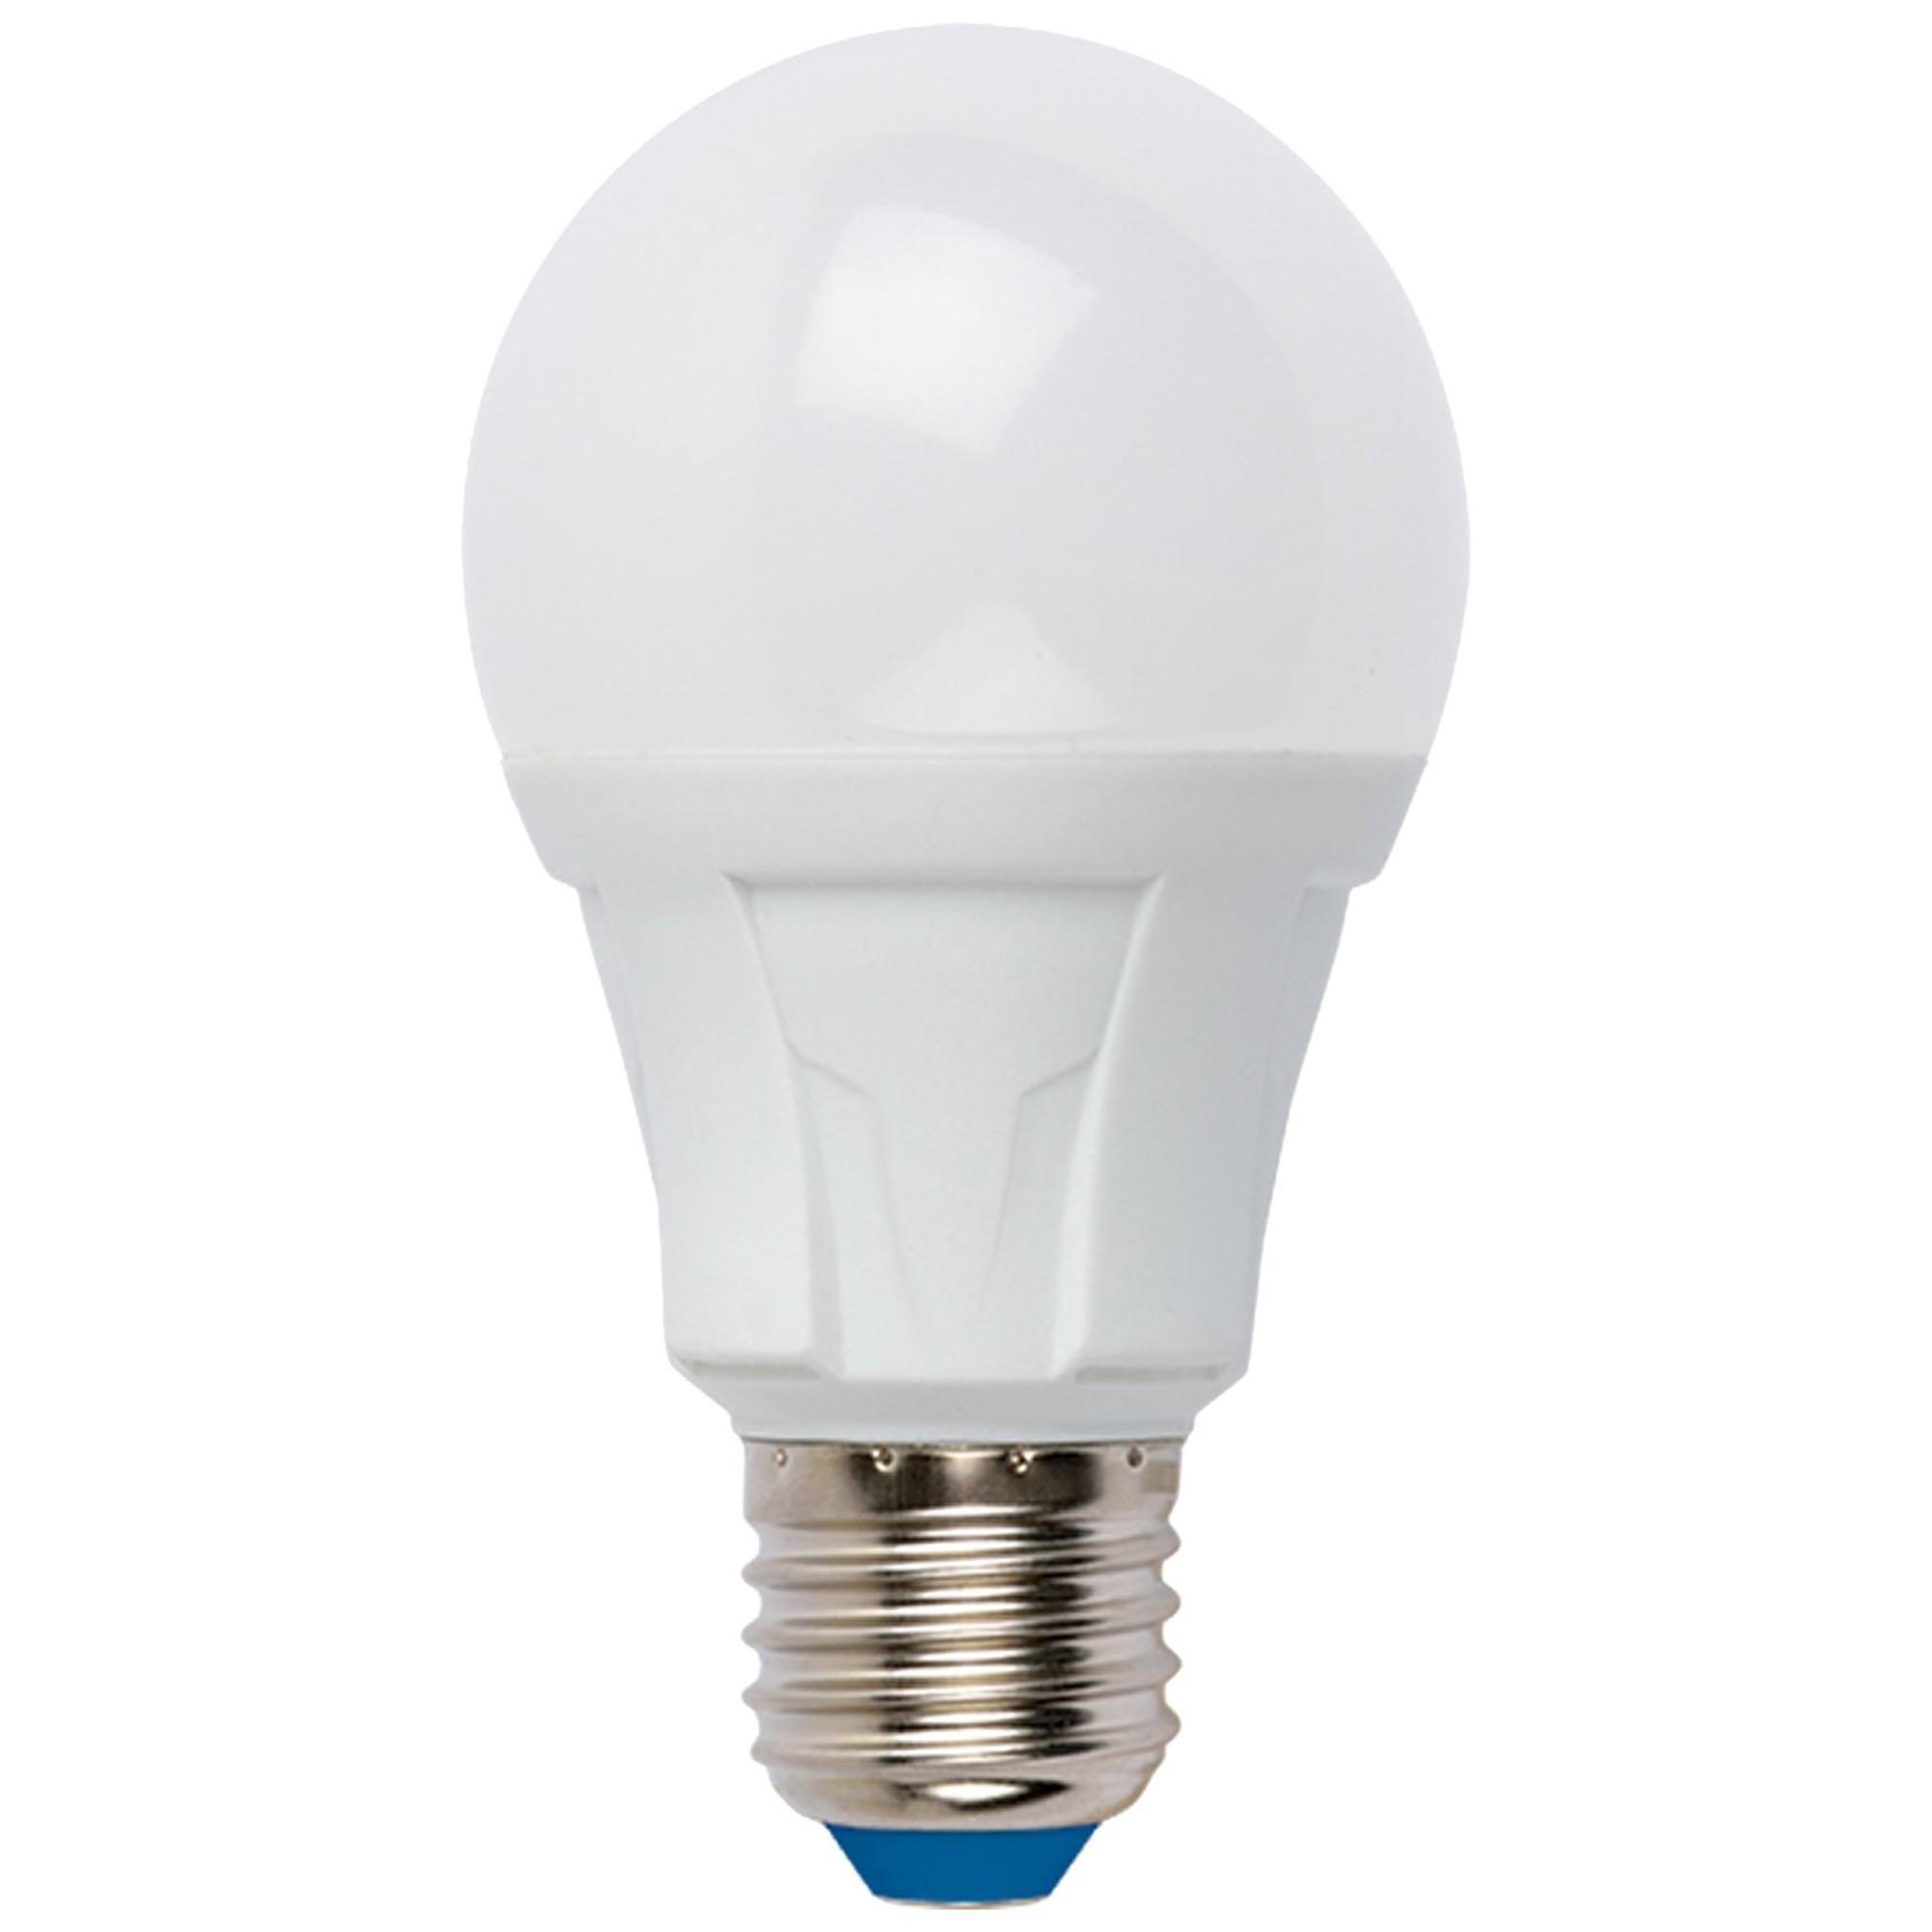 Лампа светодиодная Uniel Яркая E27 груша 850 Лм 10 Вт теплый белый (желтый)